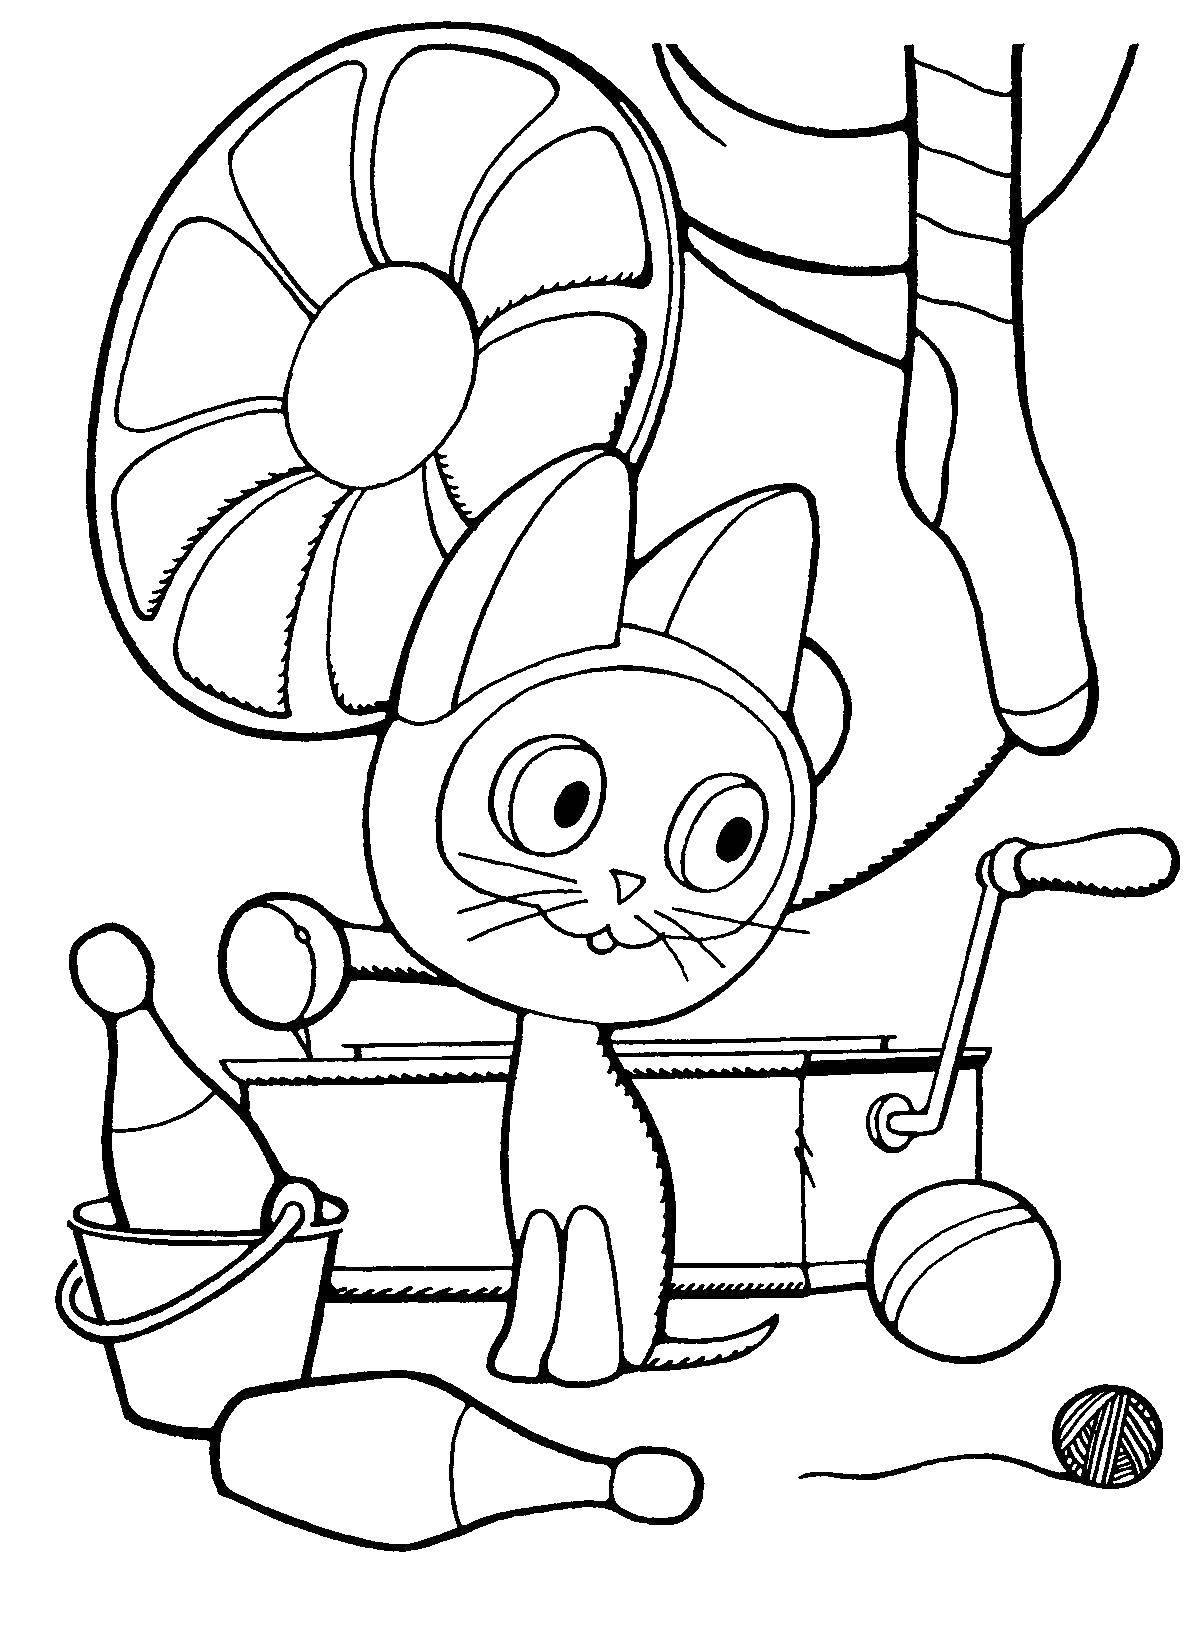 Раскраска Котенок гав на чердоке Скачать ,котенок гав,.  Распечатать